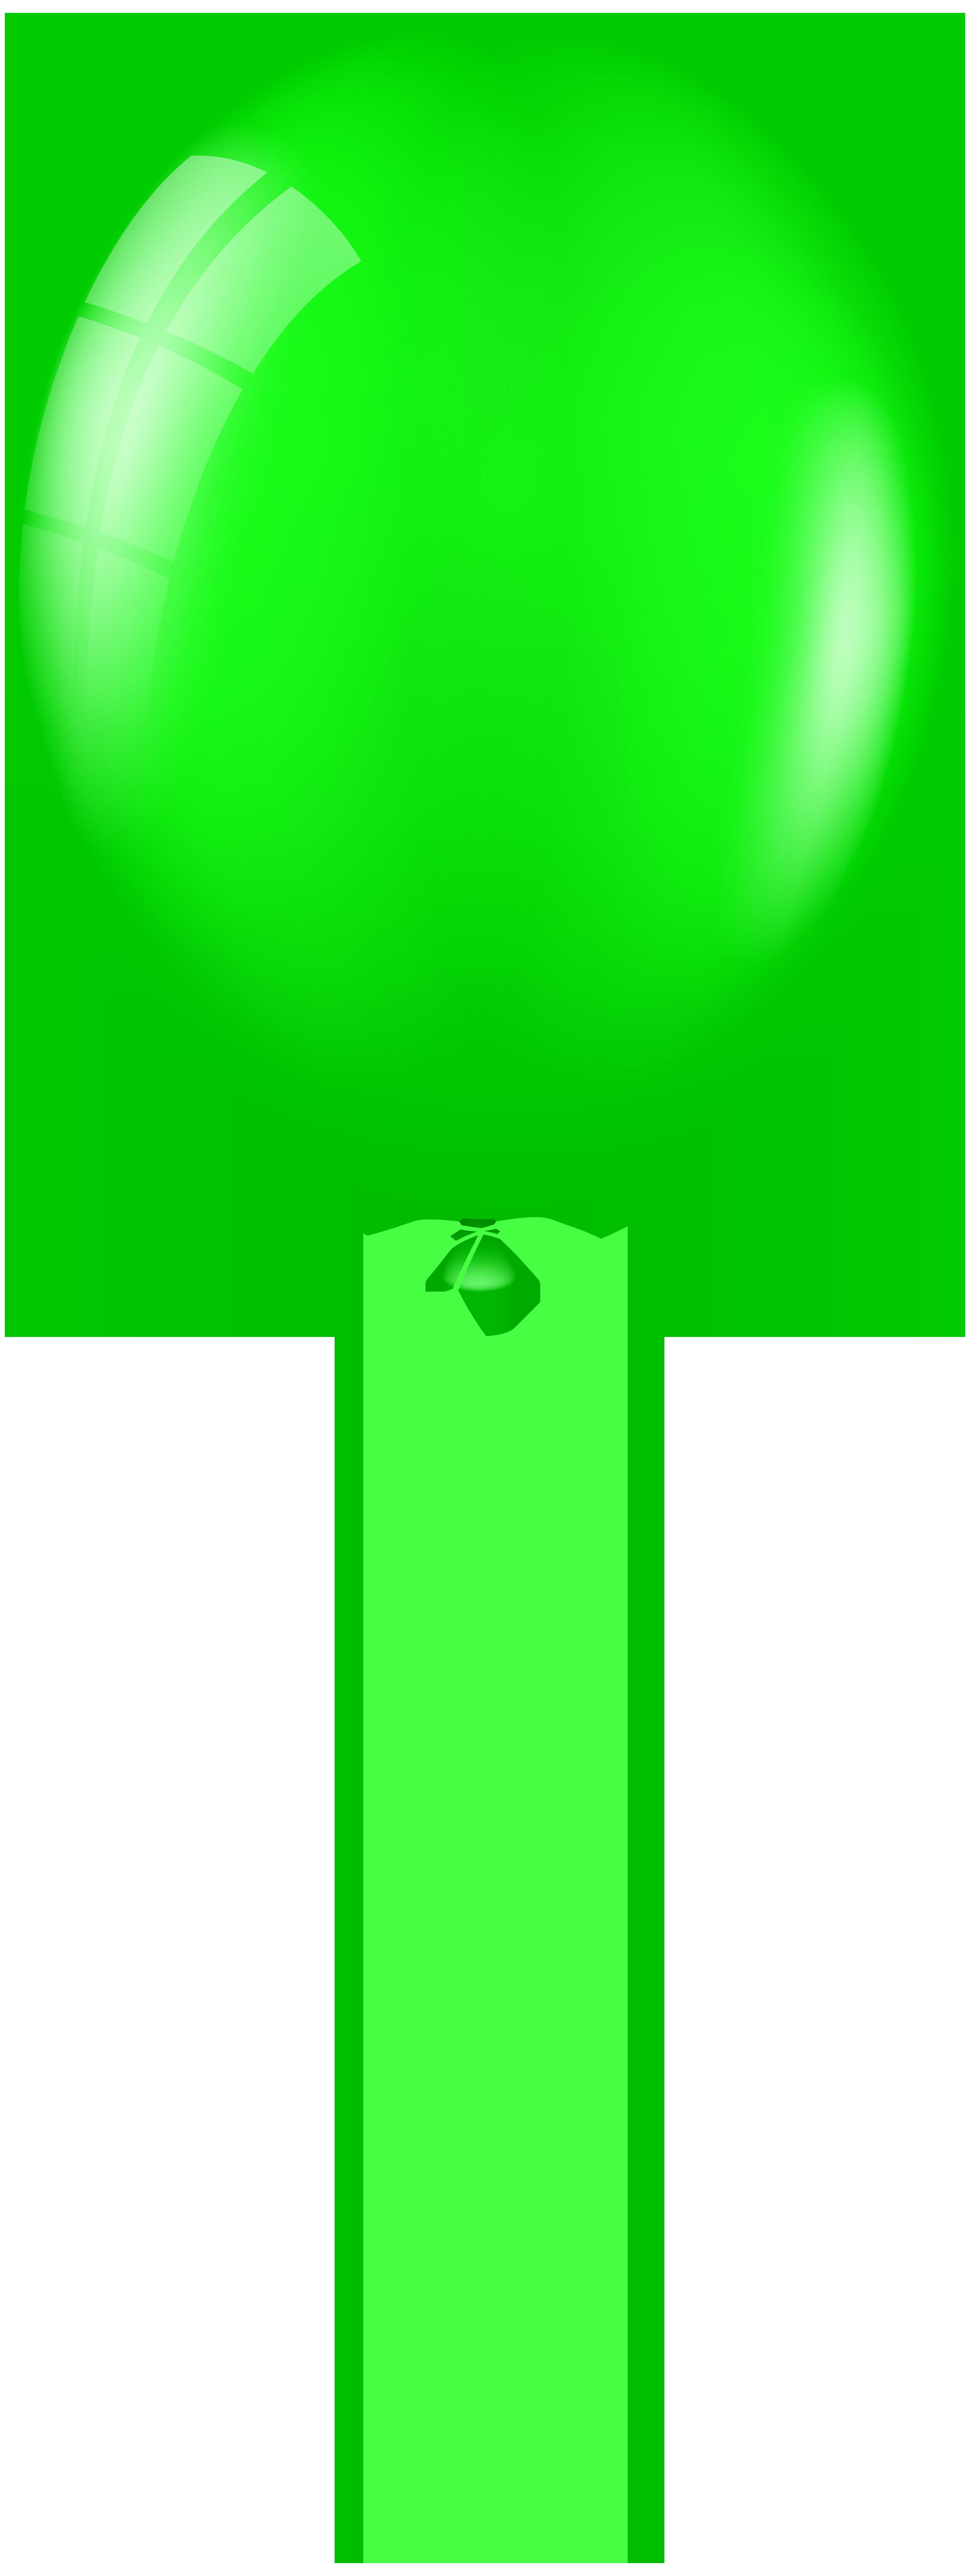 Balloon clipart oval Green Art Best Clip Balloon